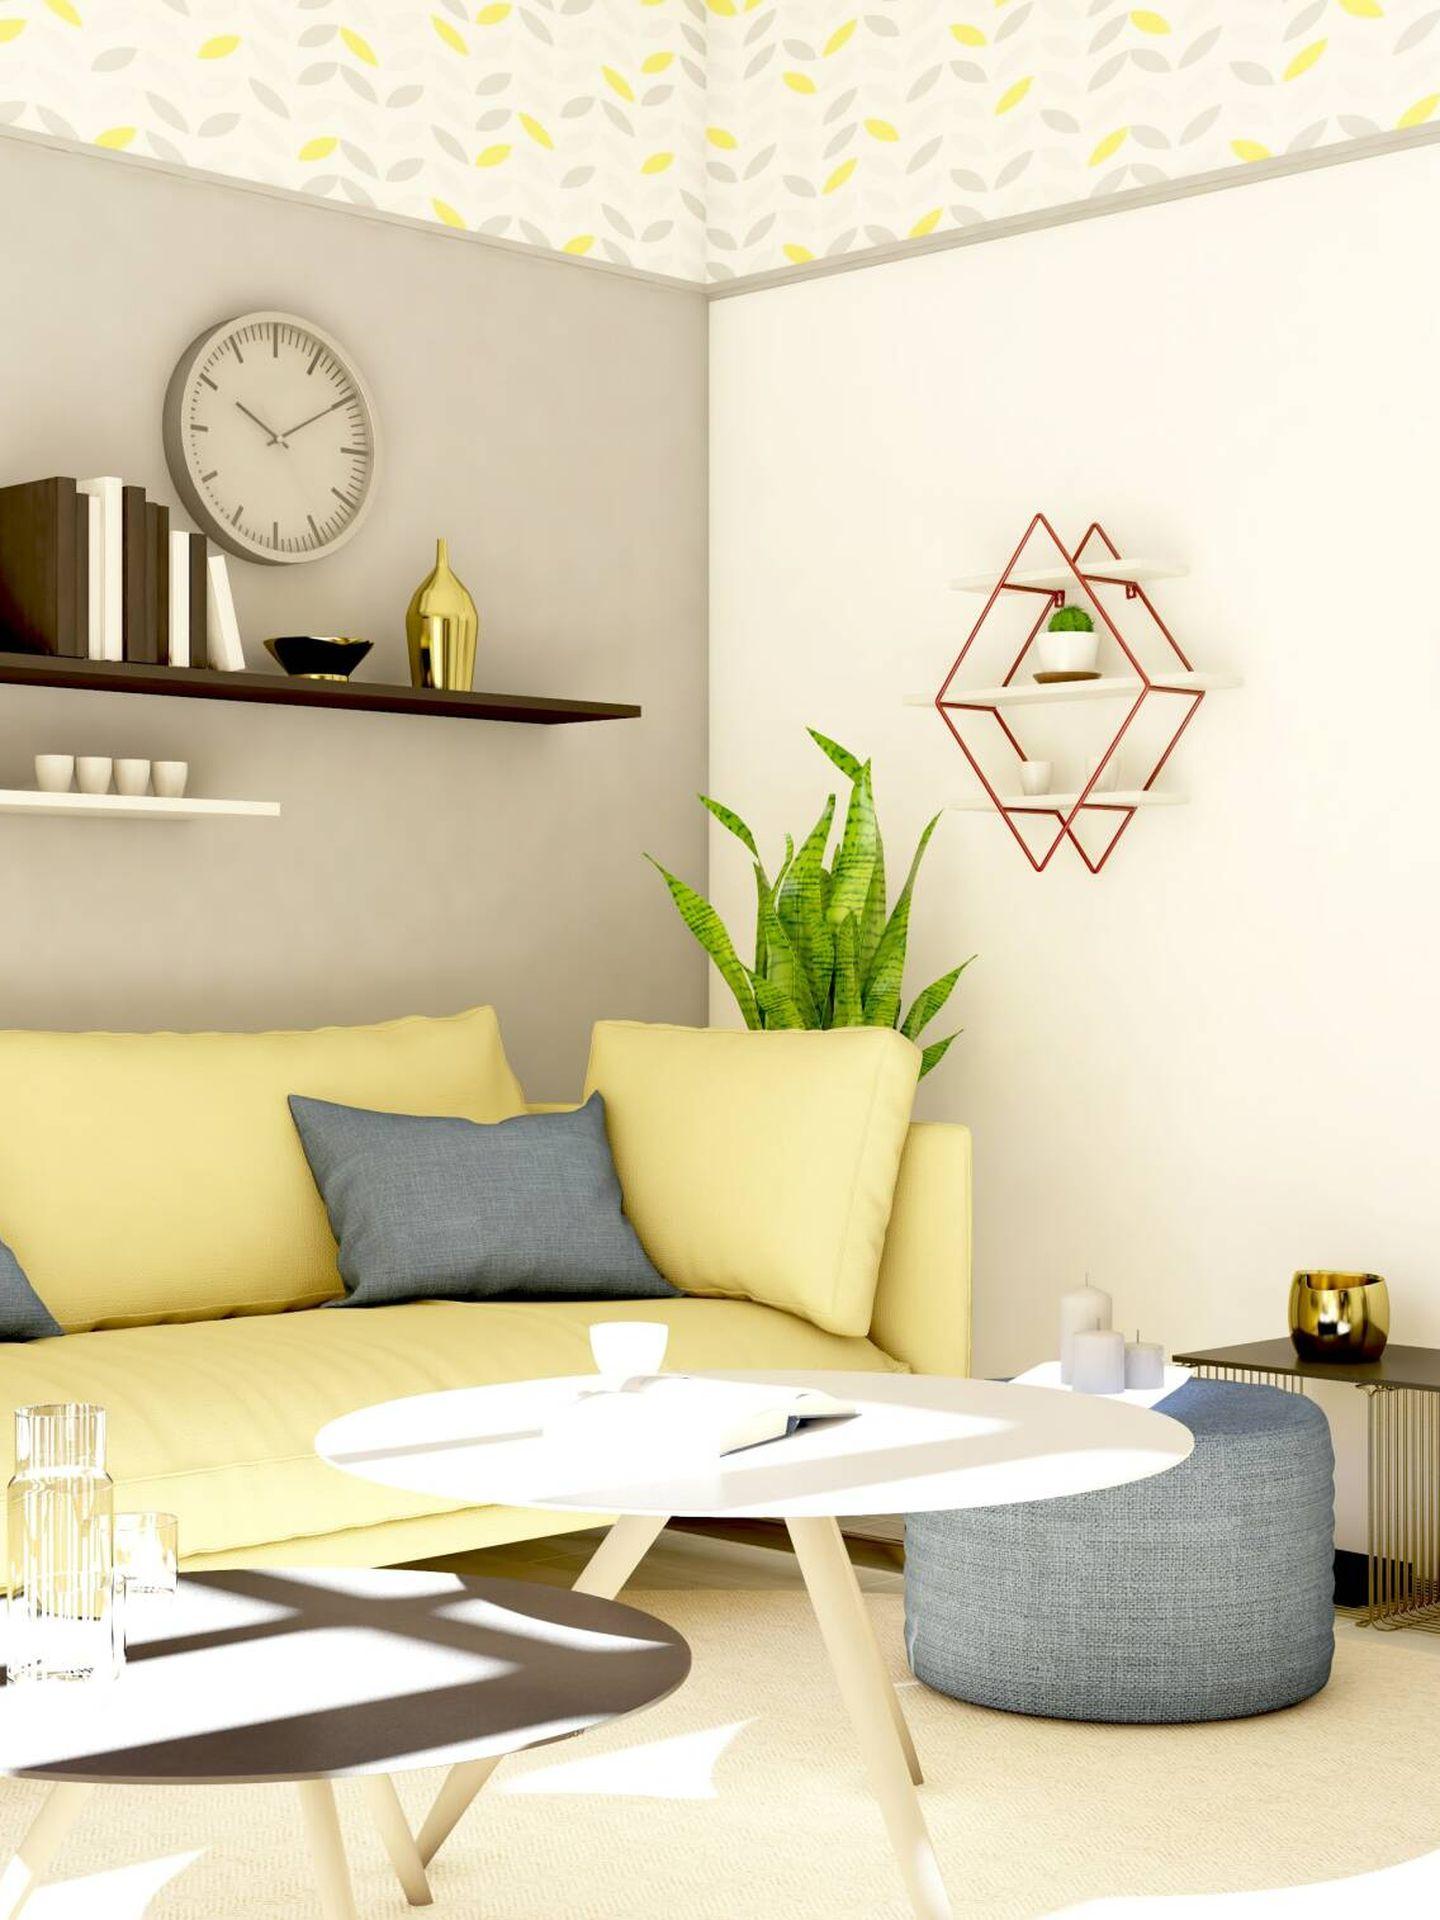 Decora tu casa con colores antiestrés. ( Maiar Shalaby para Unsplash)